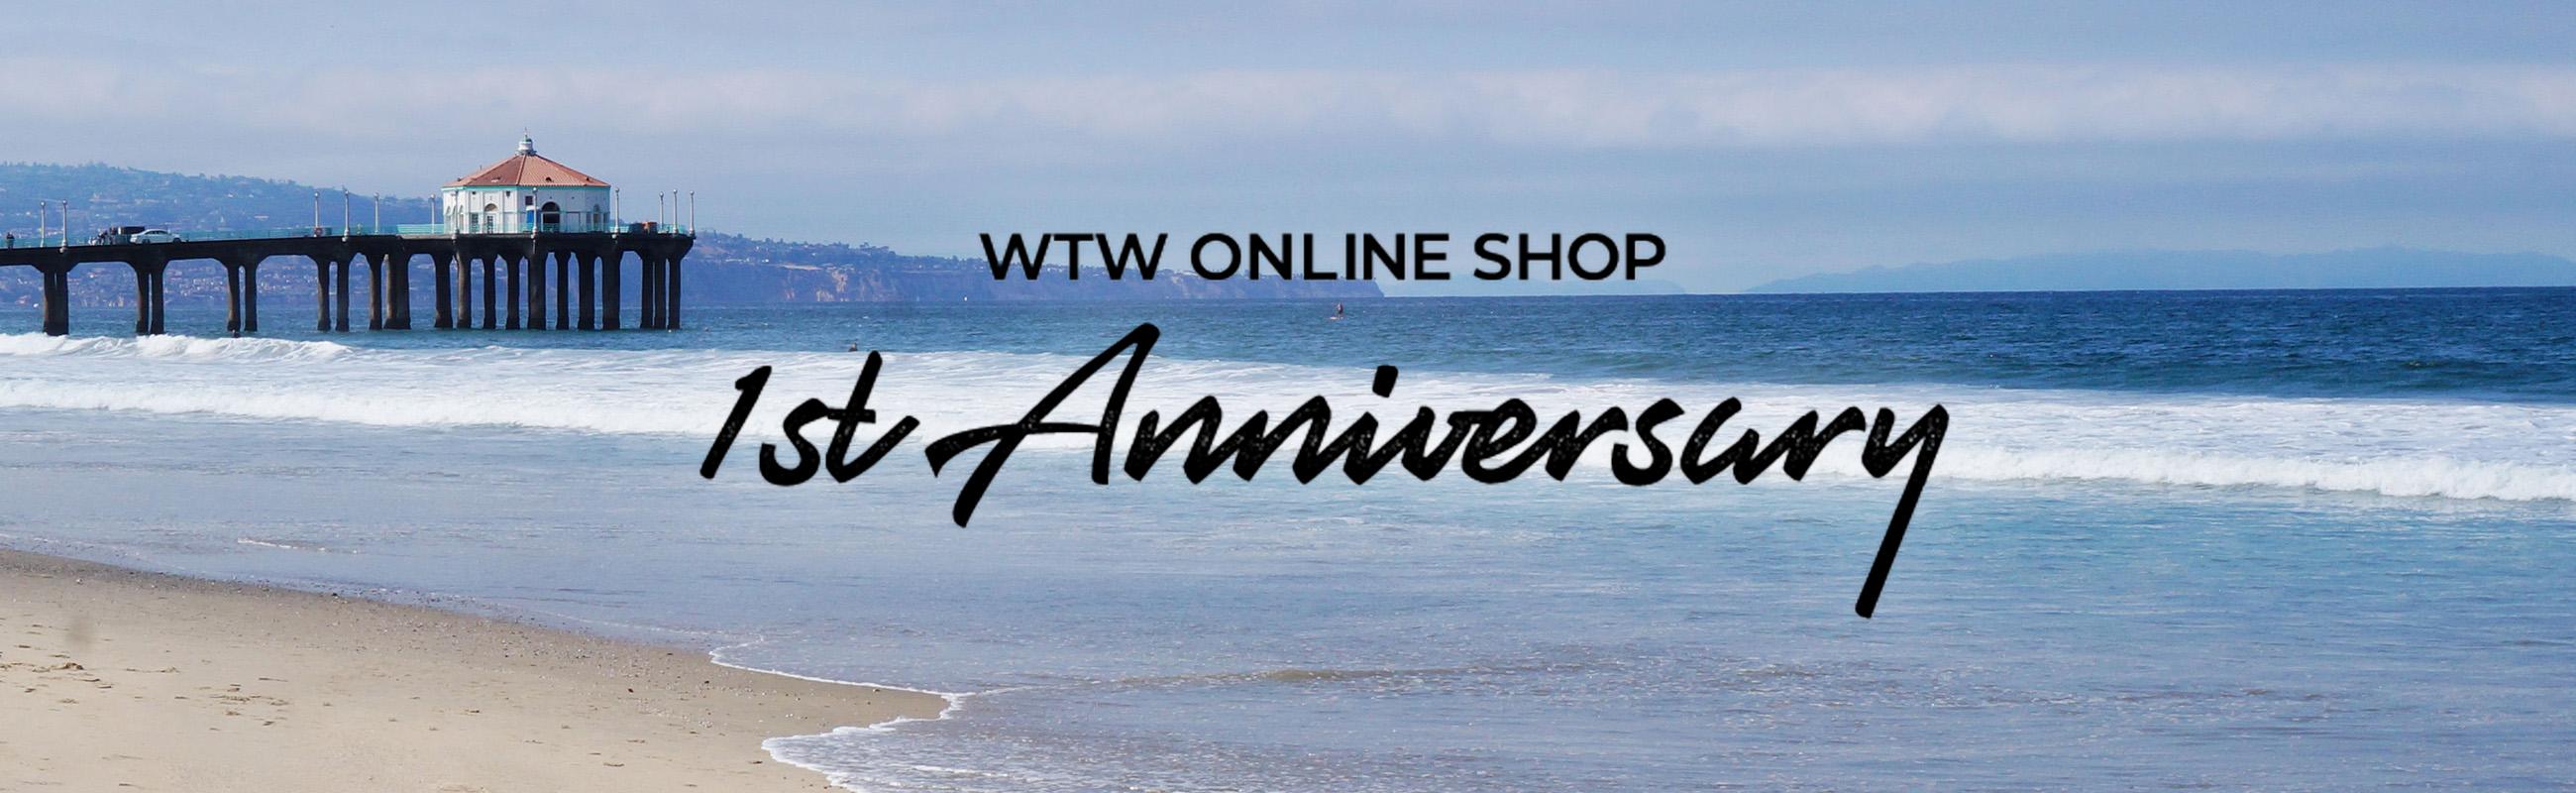 気になる〜!WTWのONLINE SHOP OPEN1周年記念数量限定アイテム☆